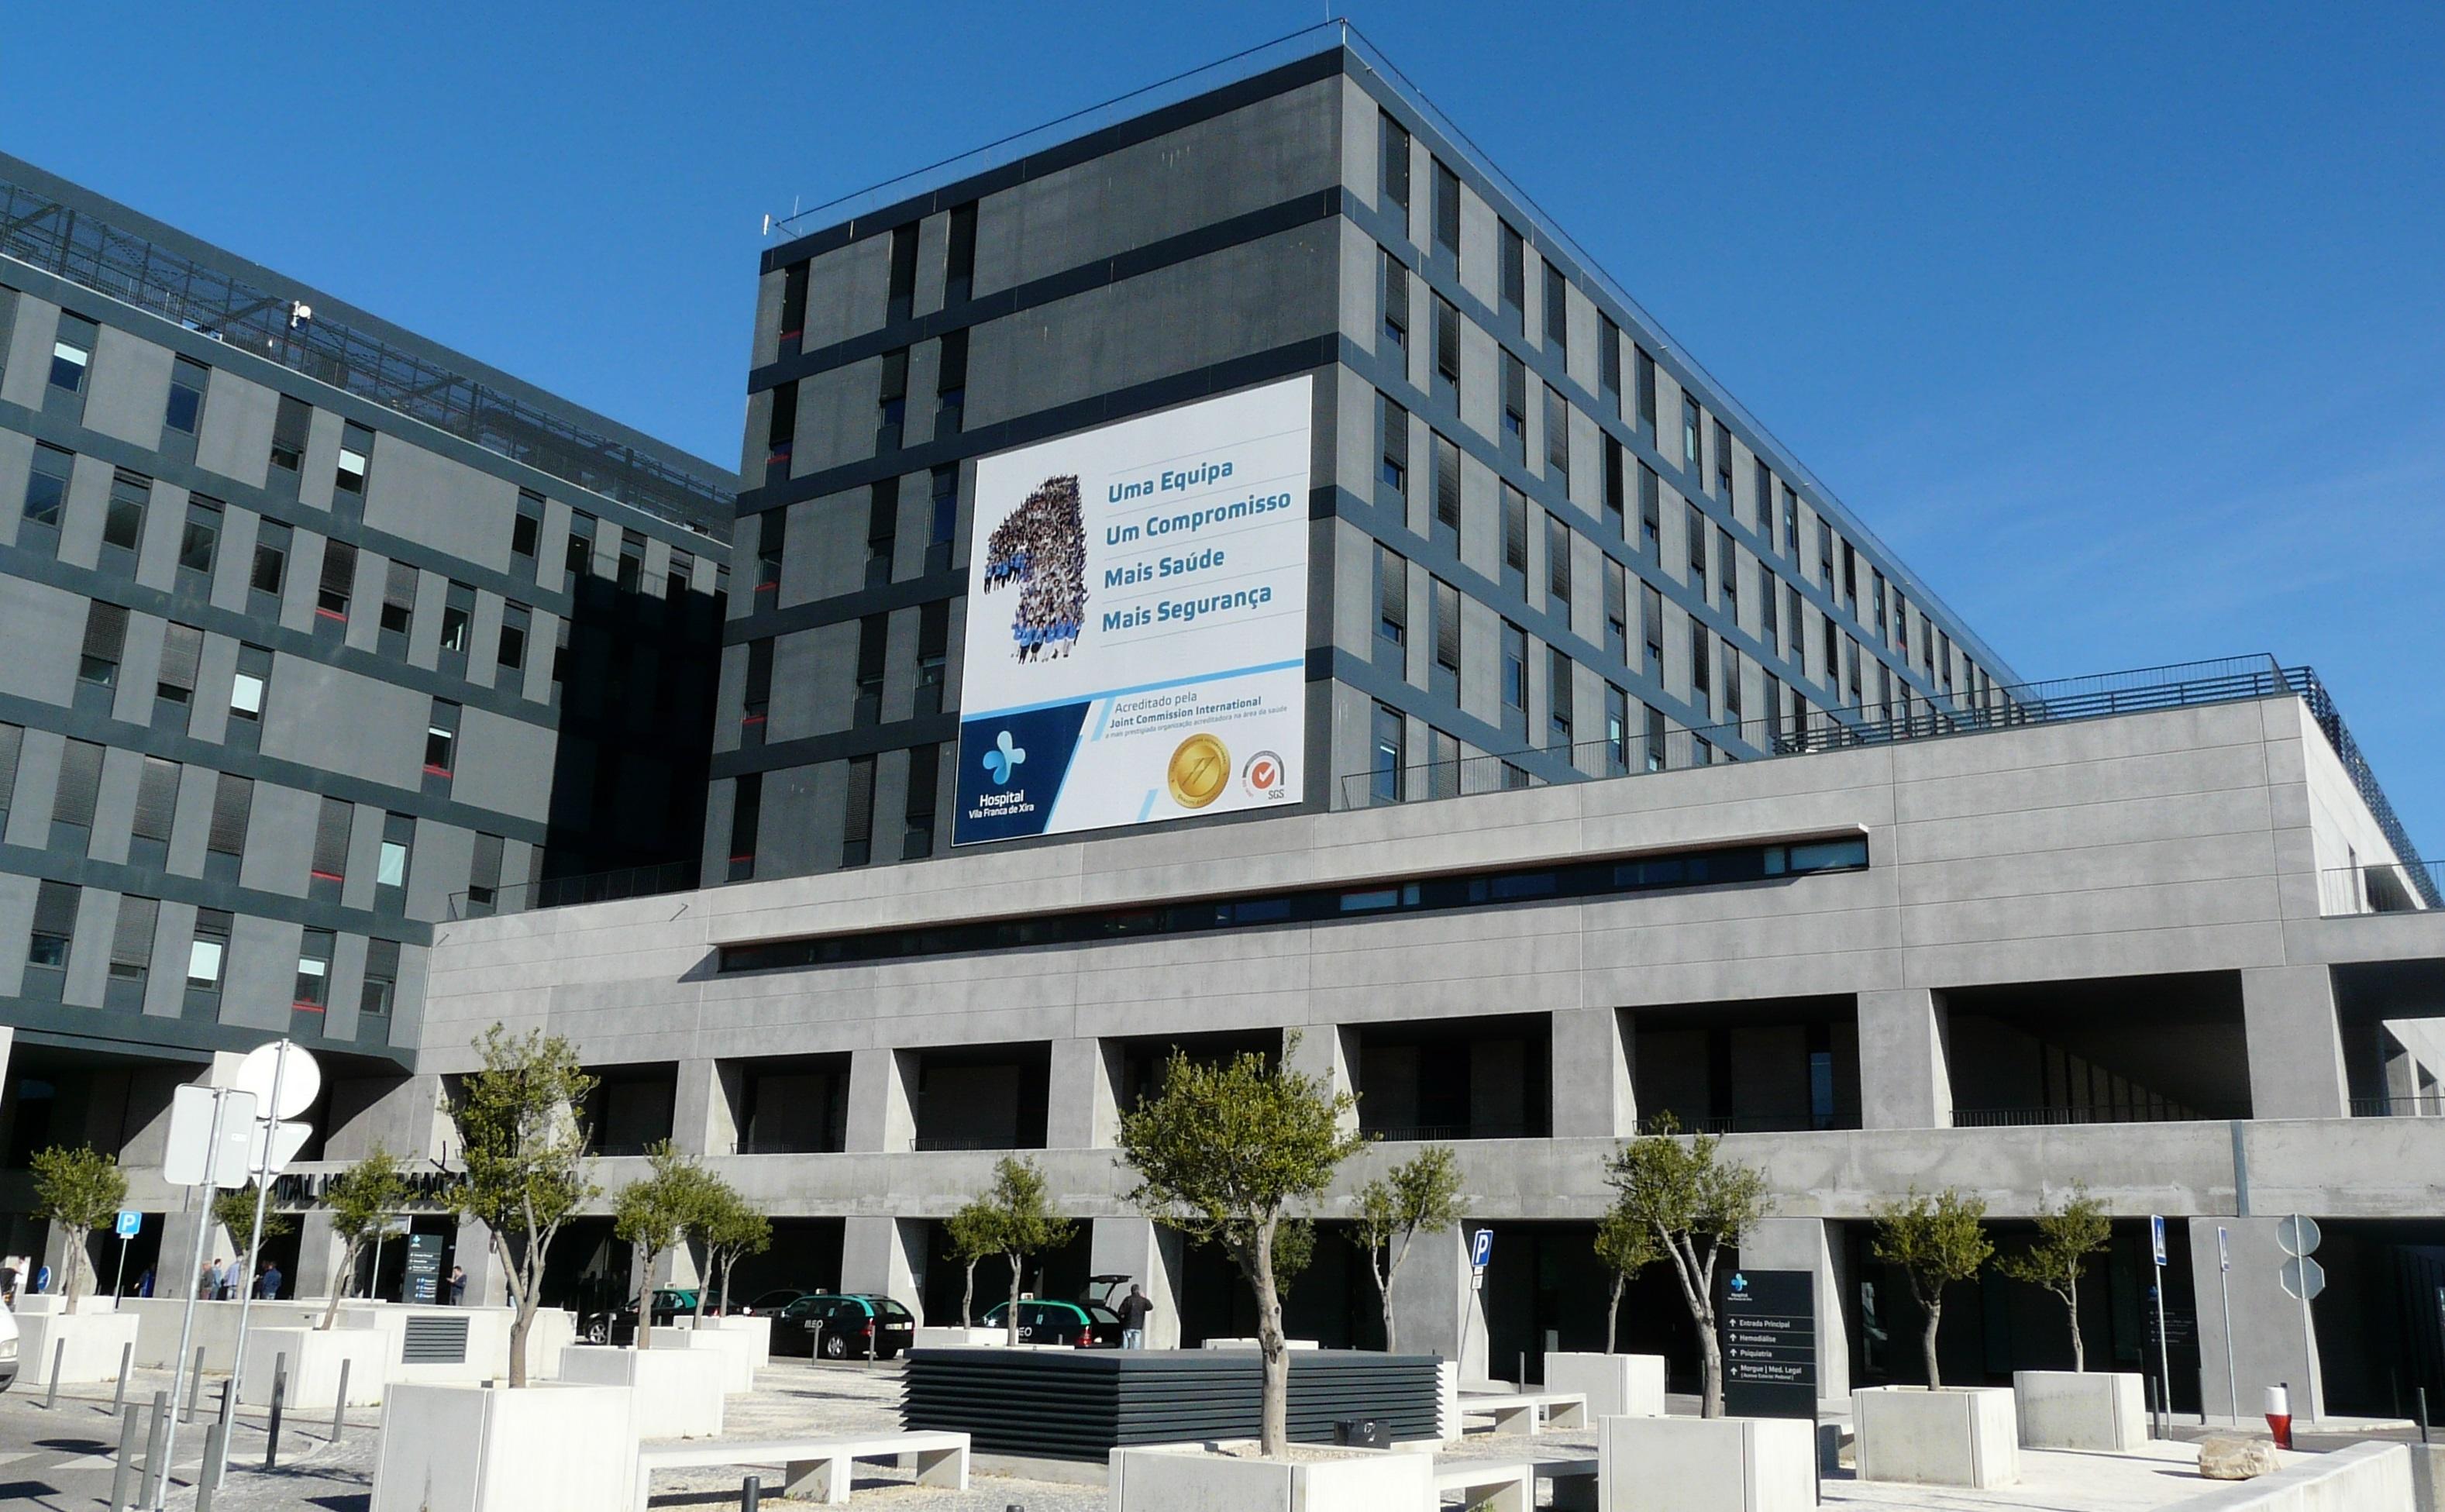 hospital-de-vila-franca-de-xira-HVFX é o hospital mais elogiado do SNS em 2019